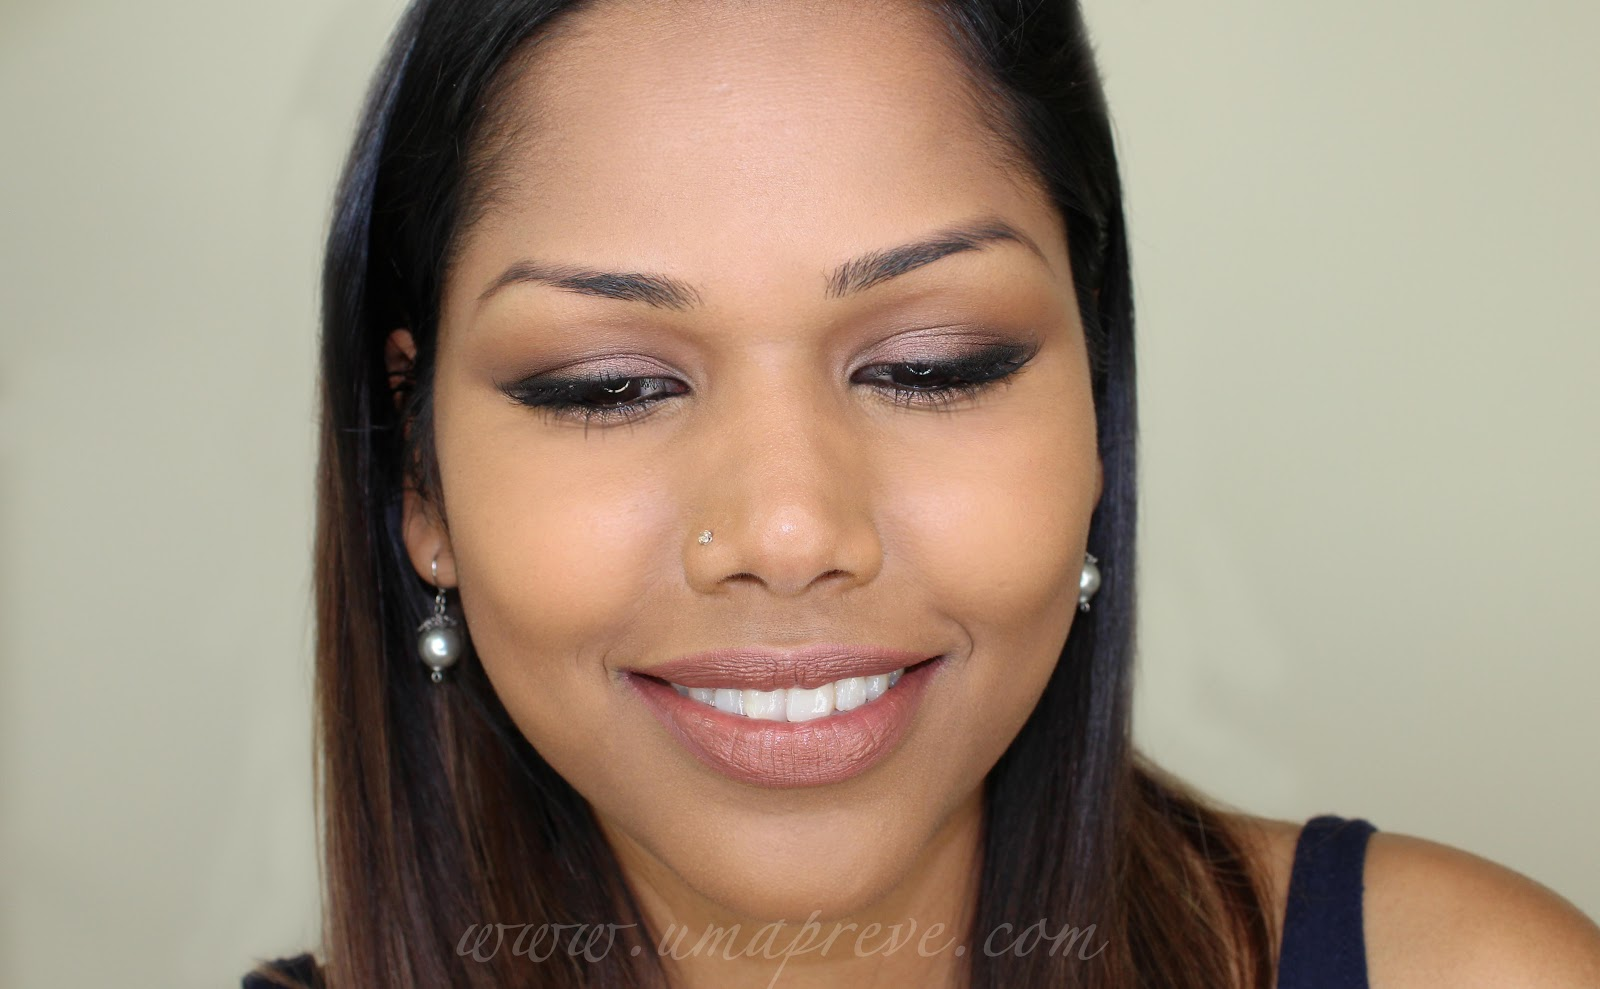 http://2.bp.blogspot.com/-css_cmTzQG8/UQIlRei2iKI/AAAAAAAACN4/TWBH89ZSeRY/s1600/Halle+Berry+2WM.jpg